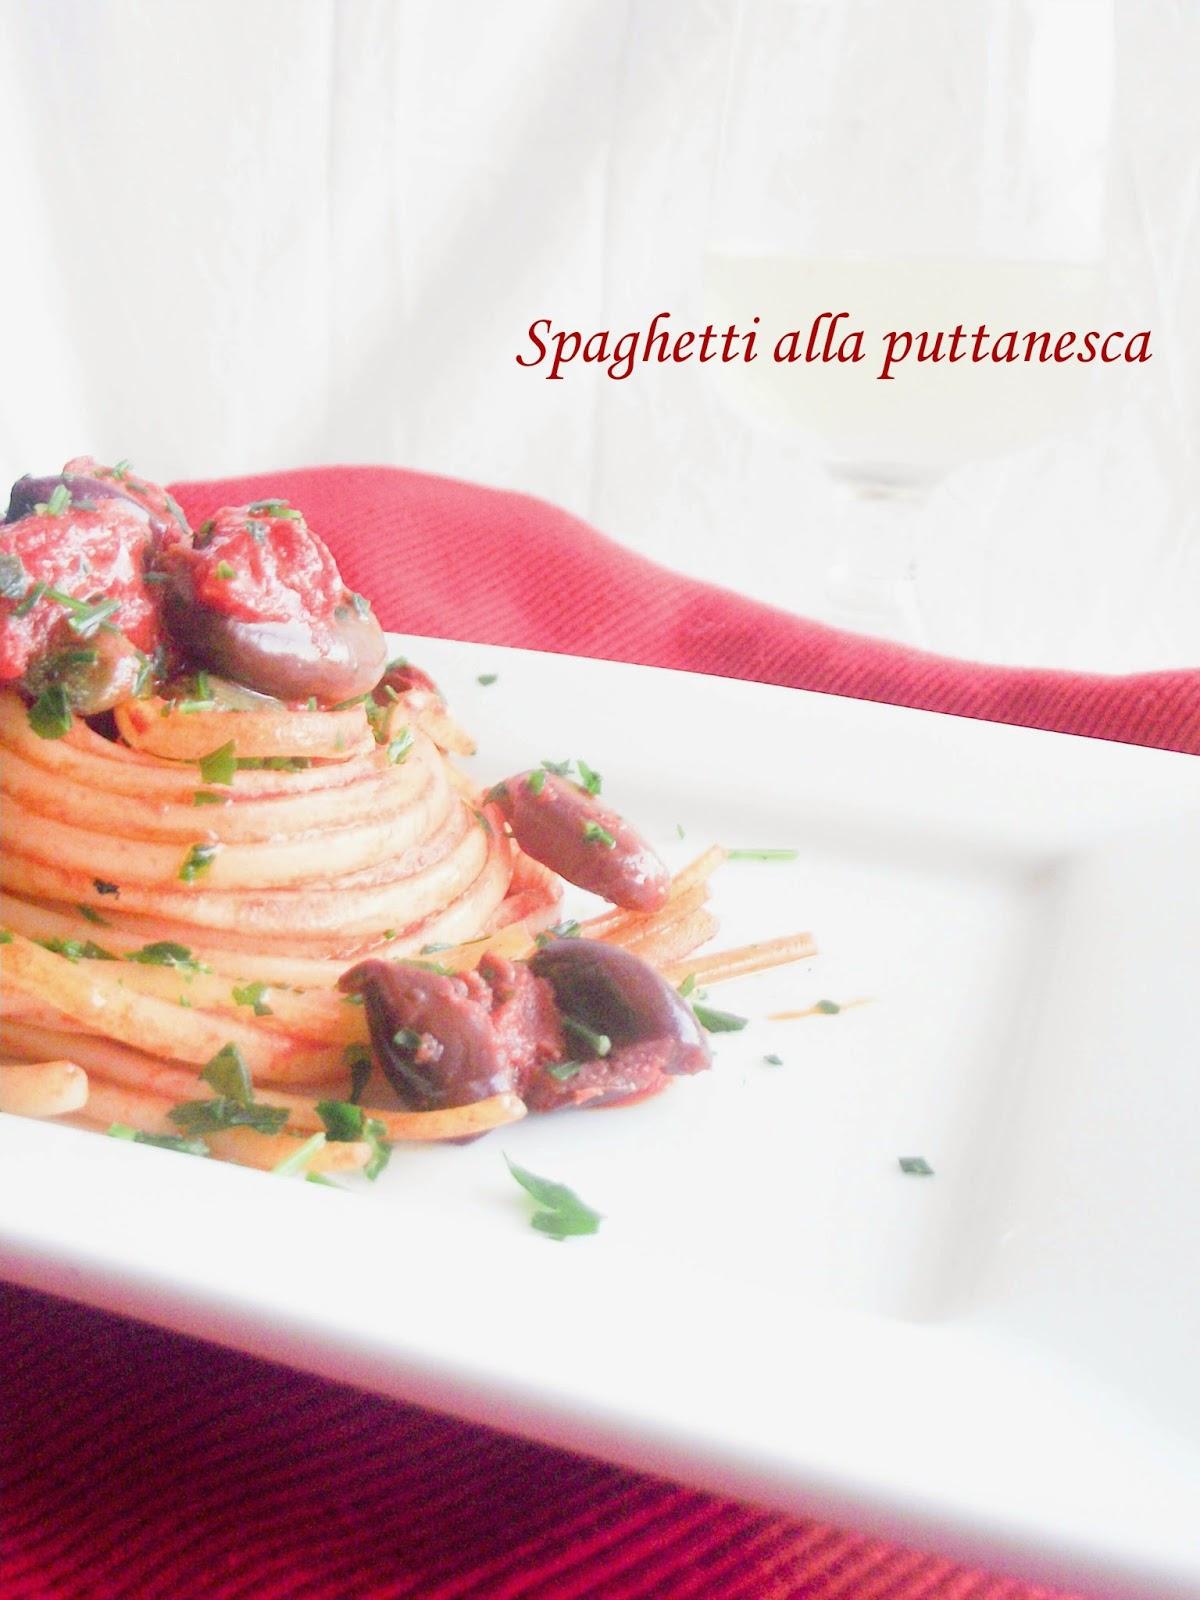 papà la mamma cucina le parolacce ovvero gli spaghetti alla puttanesca secondo max mariola (più o meno)